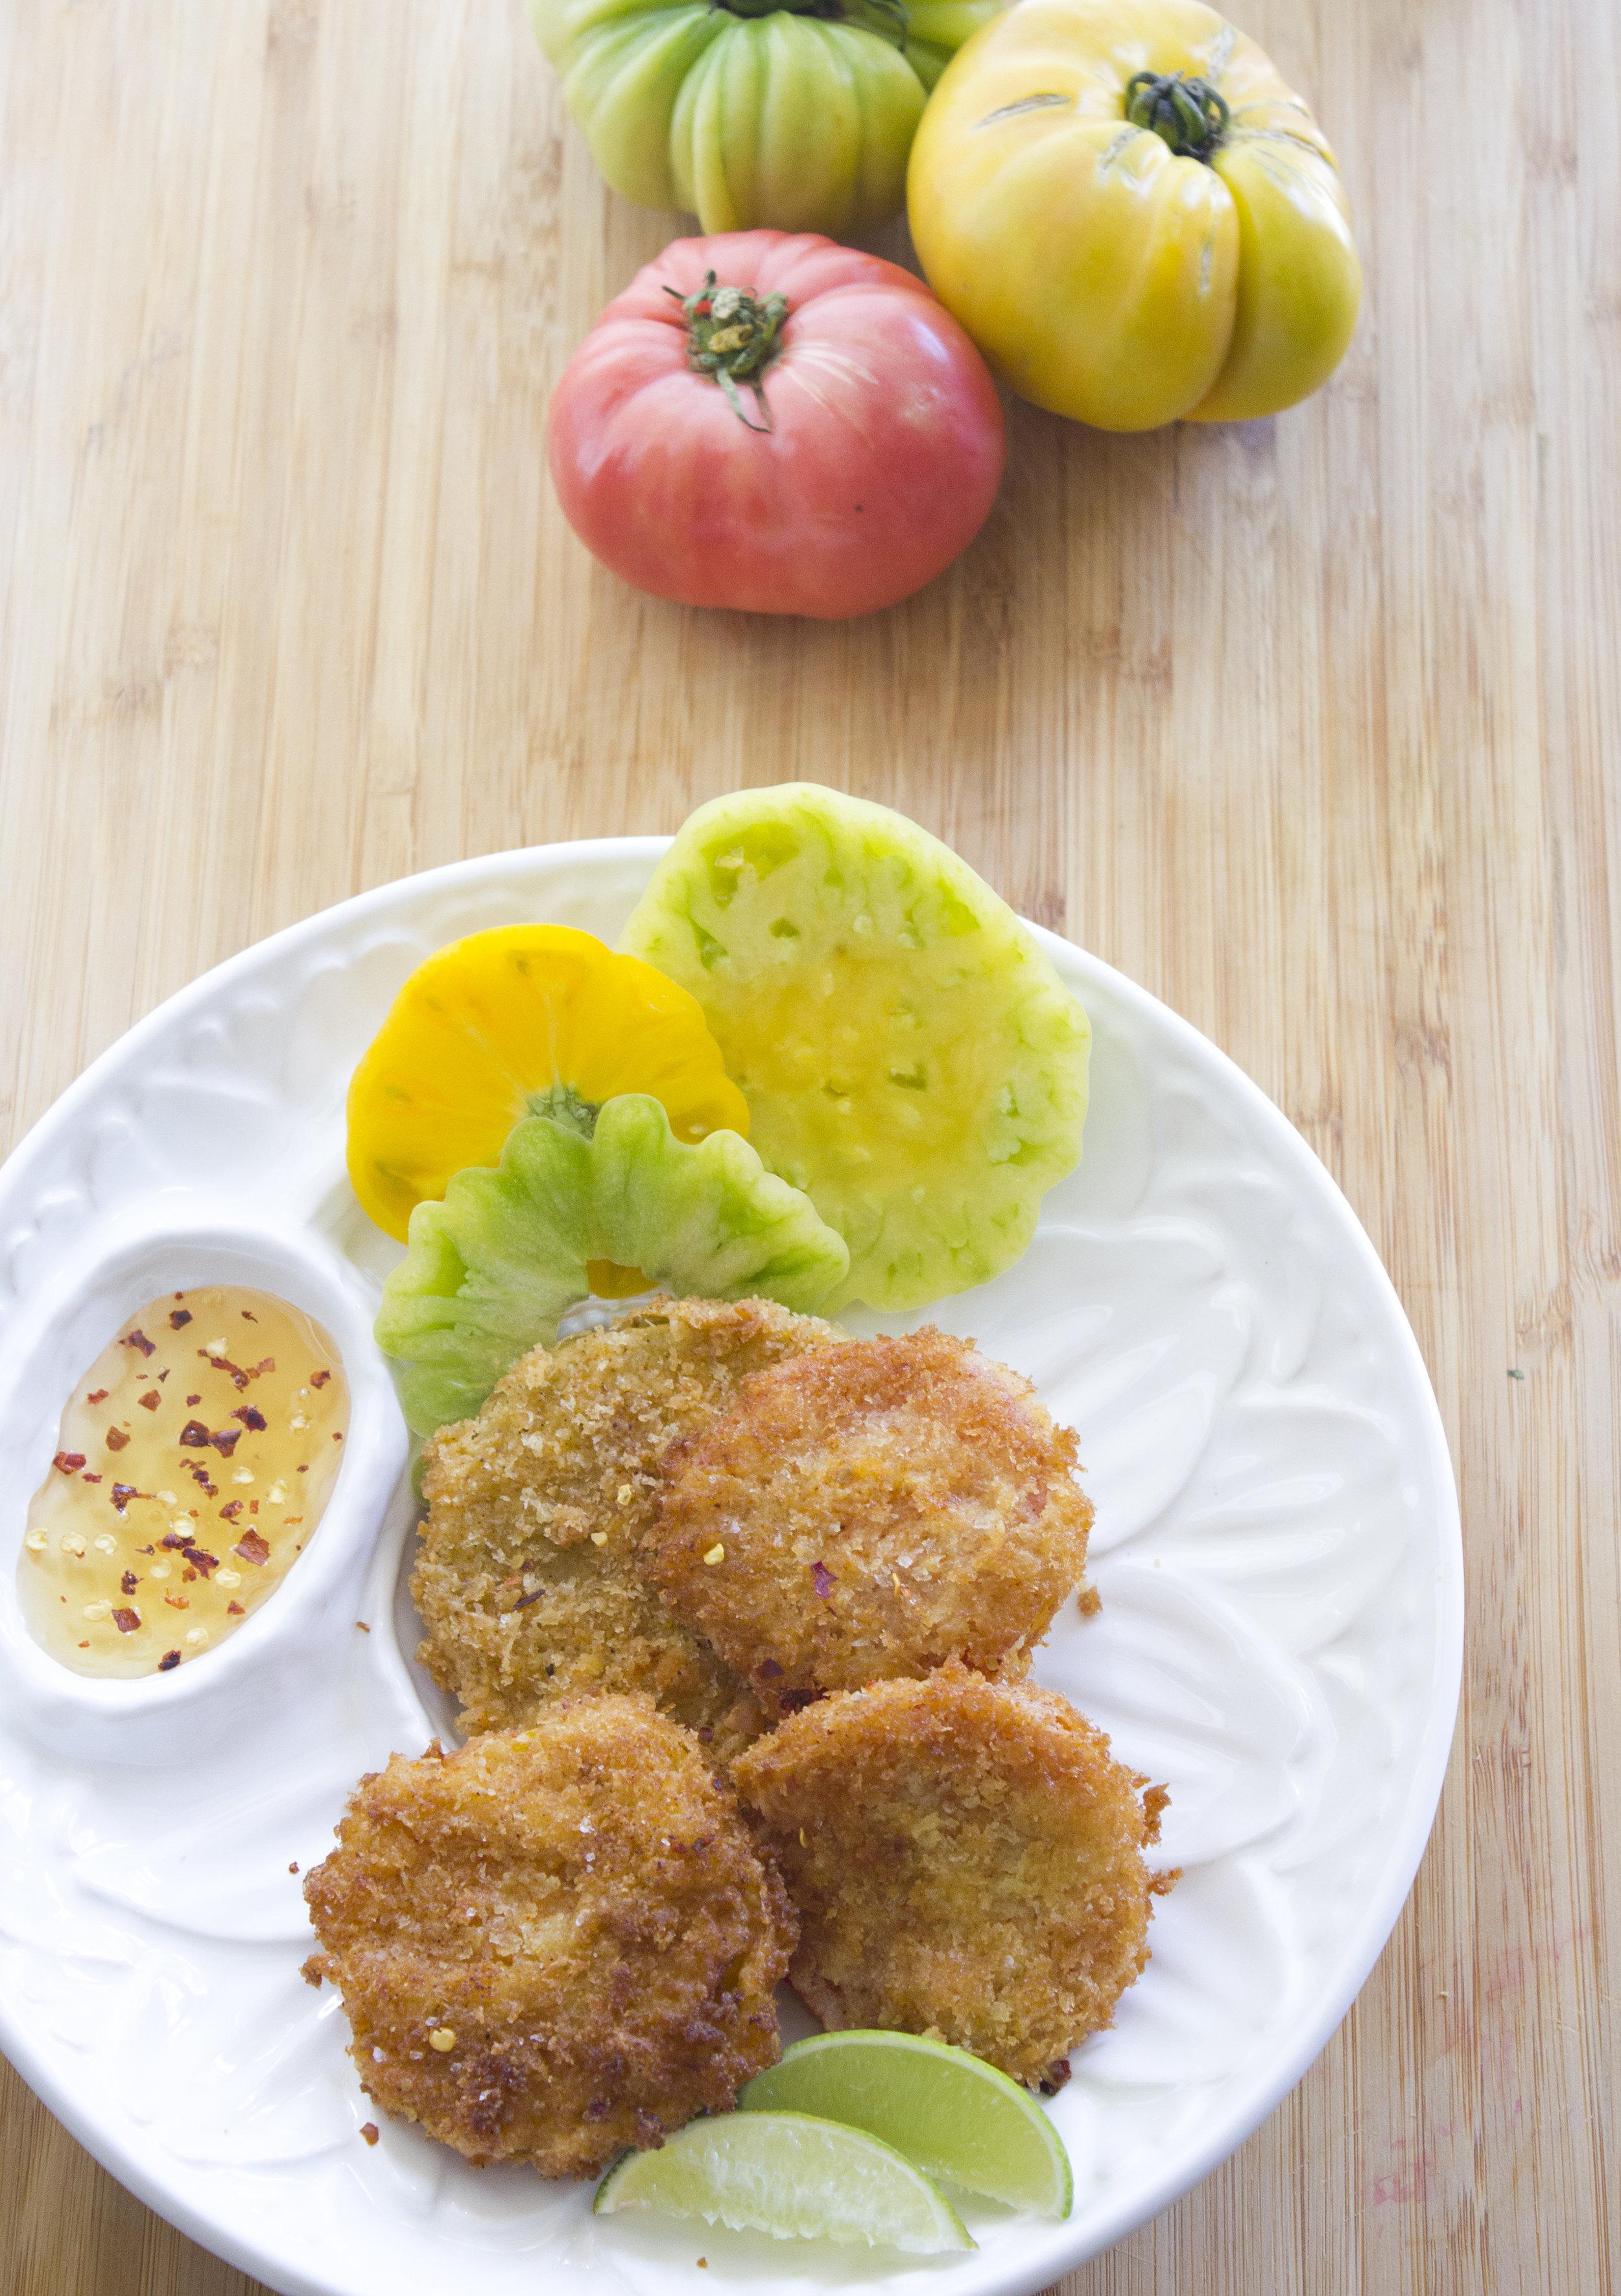 Fried Heirloom Tomatoes - BUY NOW | HABANERO HONEY